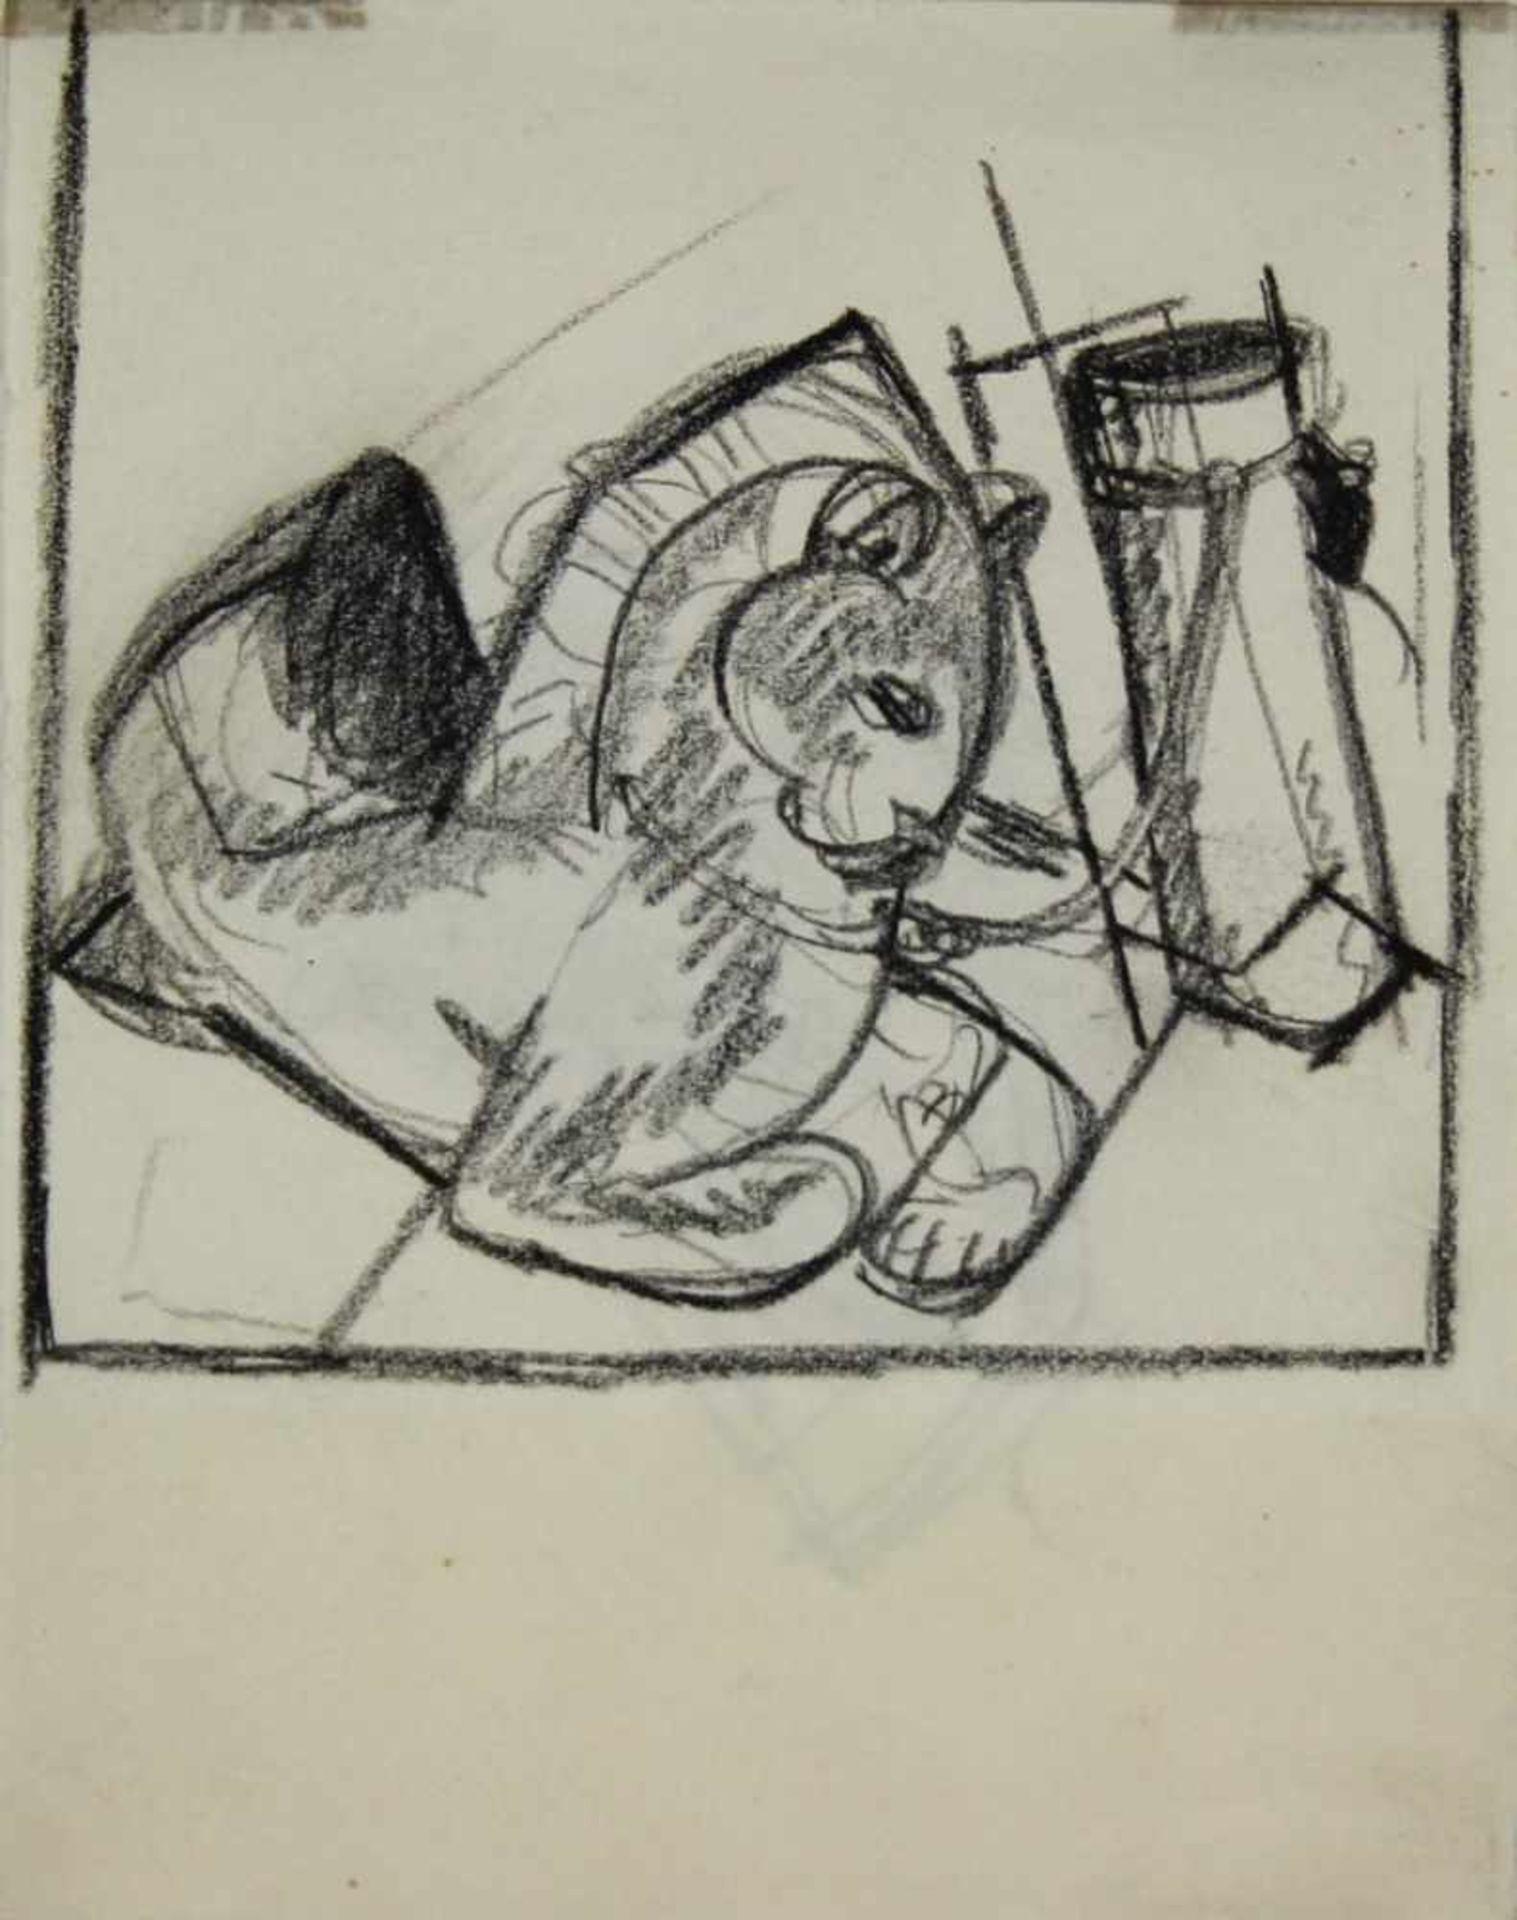 Ludwig Heinrich Jungnickel 1881-1965 Katz & Maus Graphit 16 x 12,5